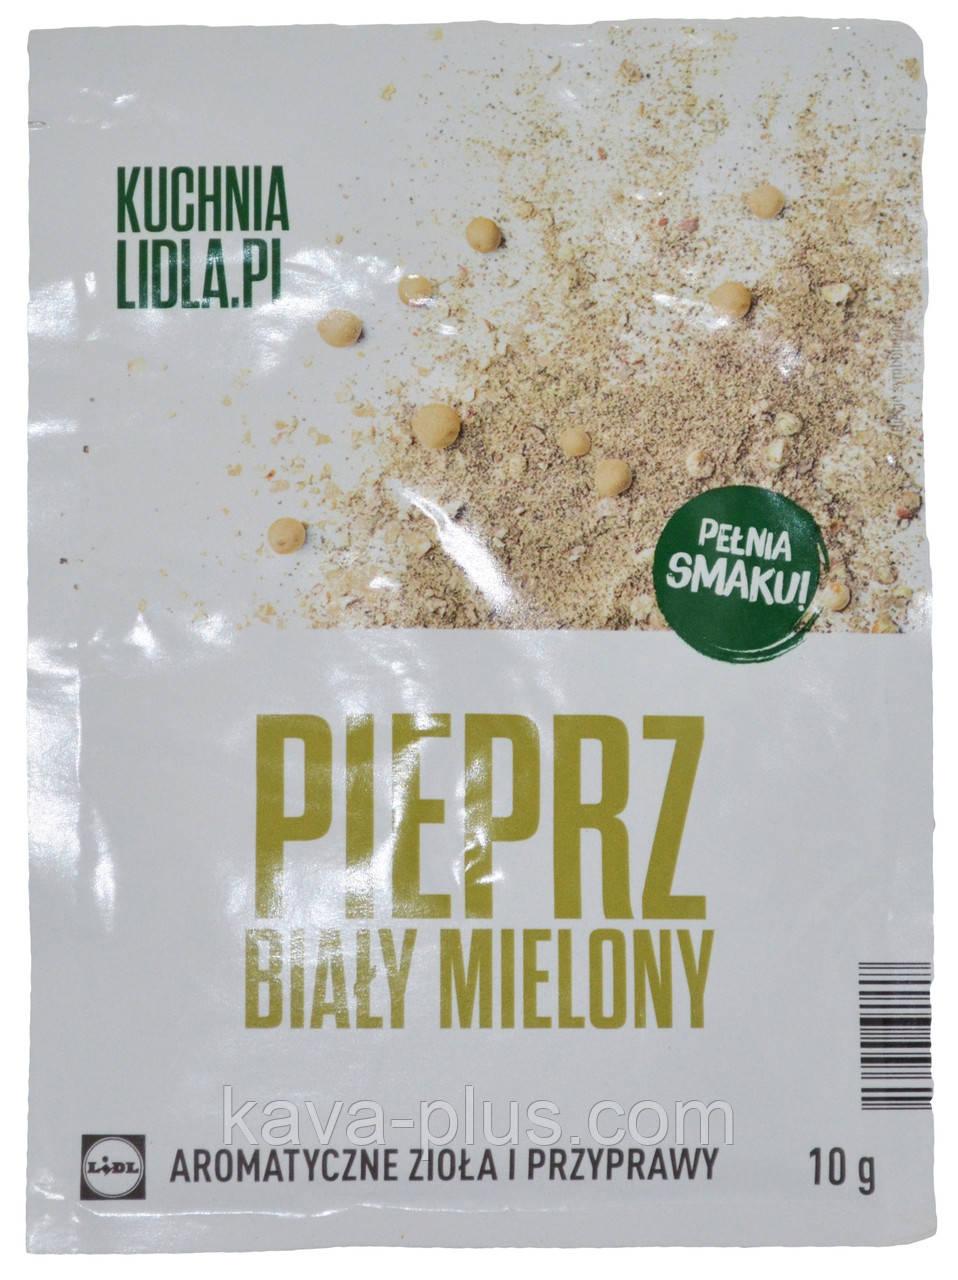 перец белый молотый Kuchnia Lidlapl Pieprz Bialy Mielony 10г продажа цена в львове пряности специи приправы от кава плюс торговая компания